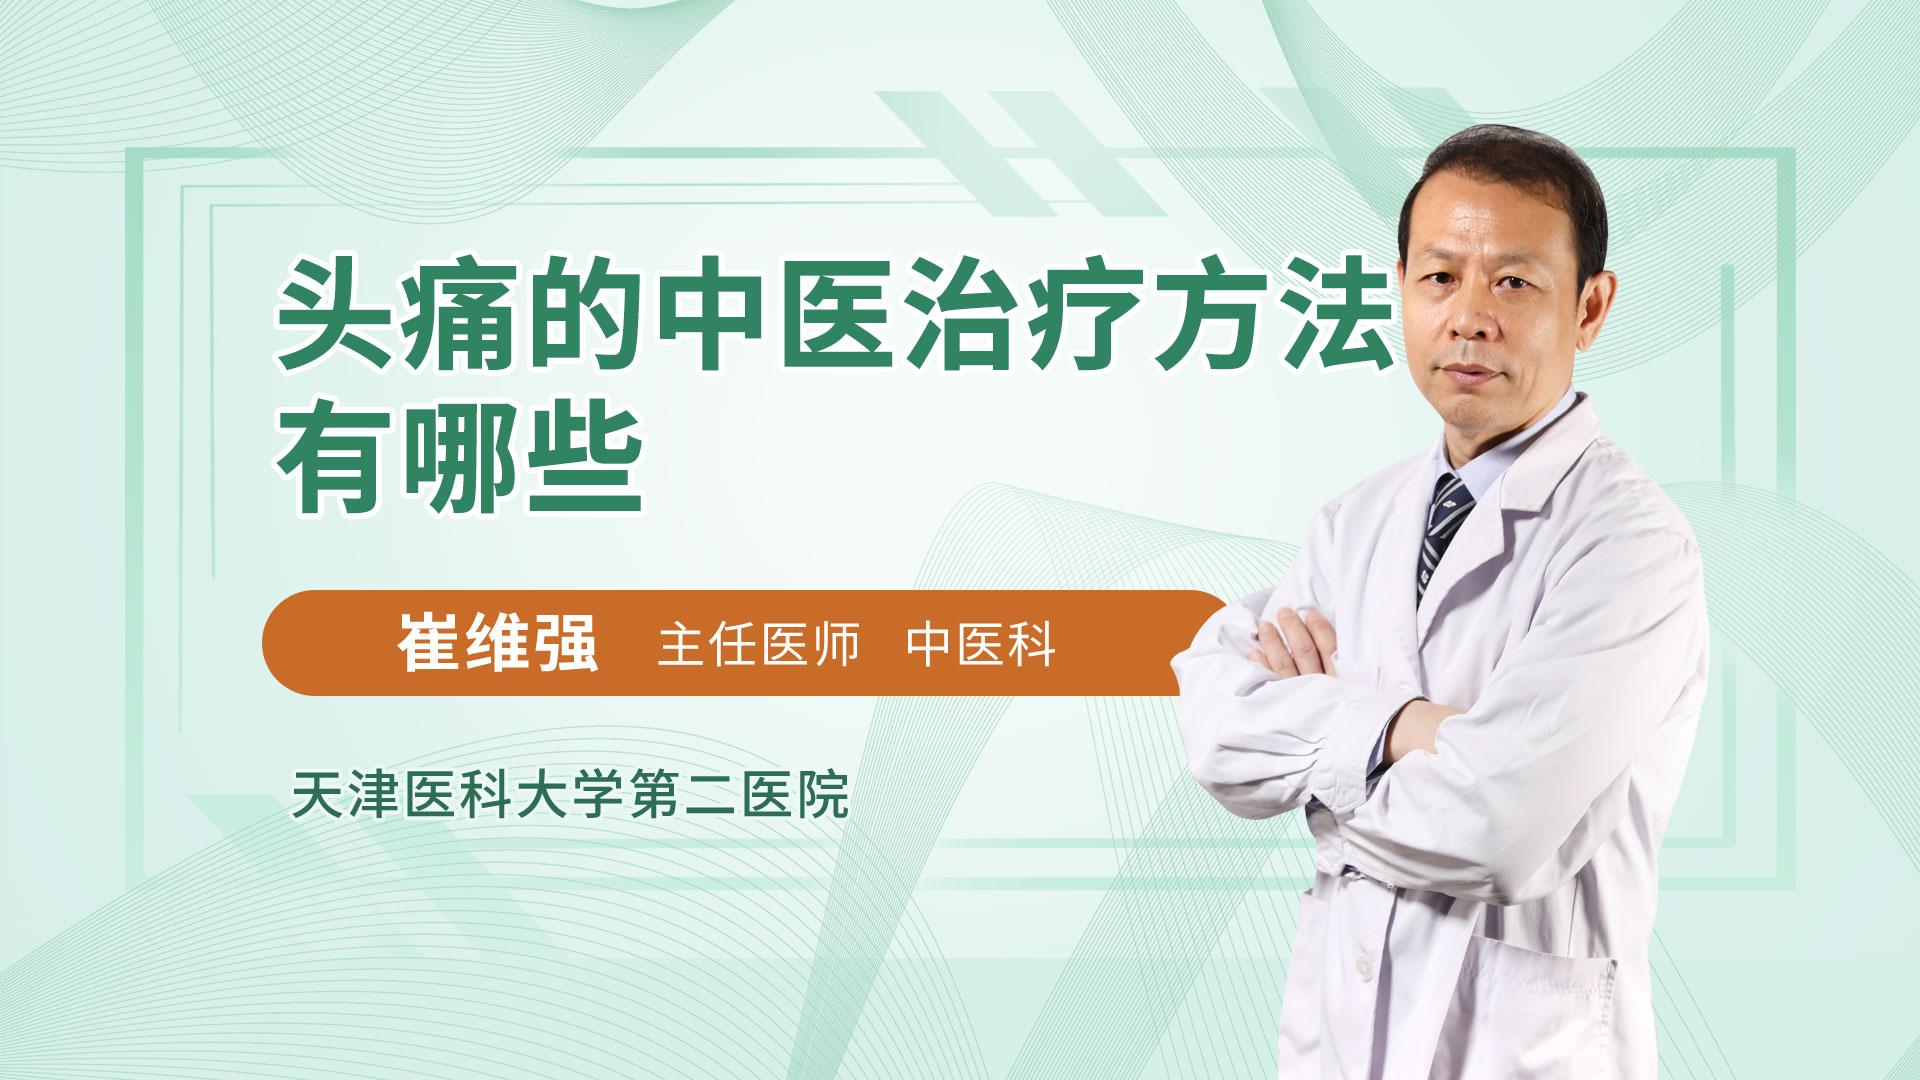 头痛的中医治疗方法有哪些